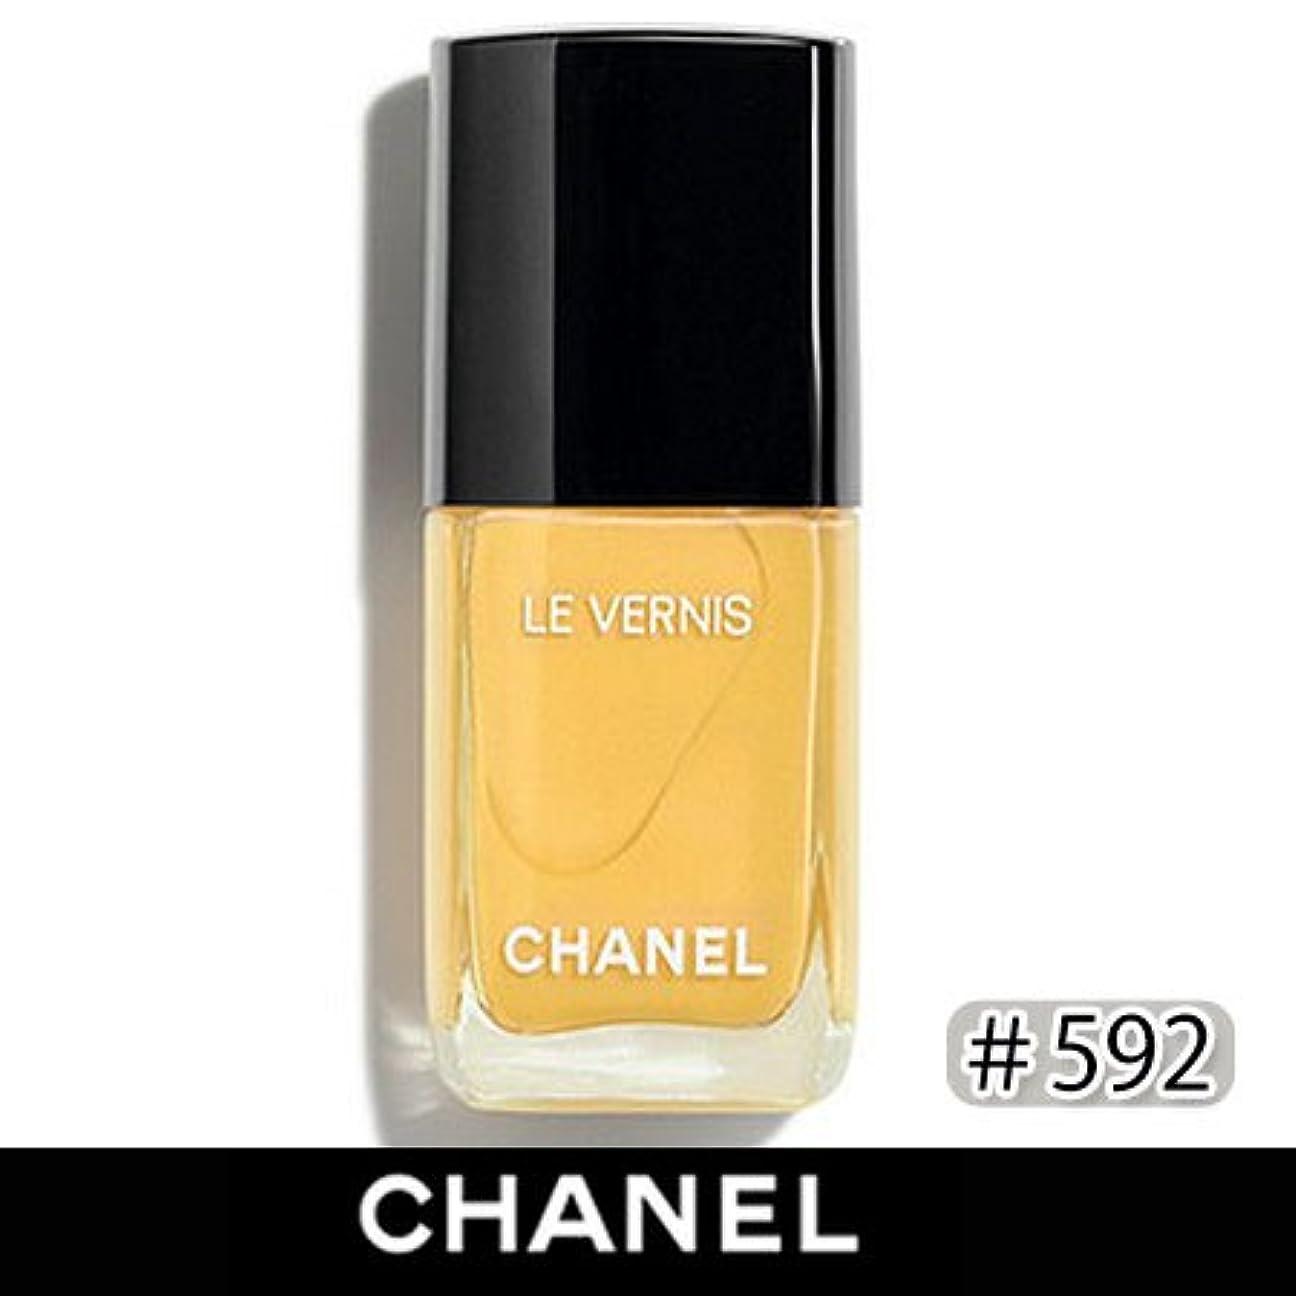 代わりに村屋内でシャネル ヴェルニ ロング トゥニュ #592 (ジャロ ナポリ)-CHANEL-